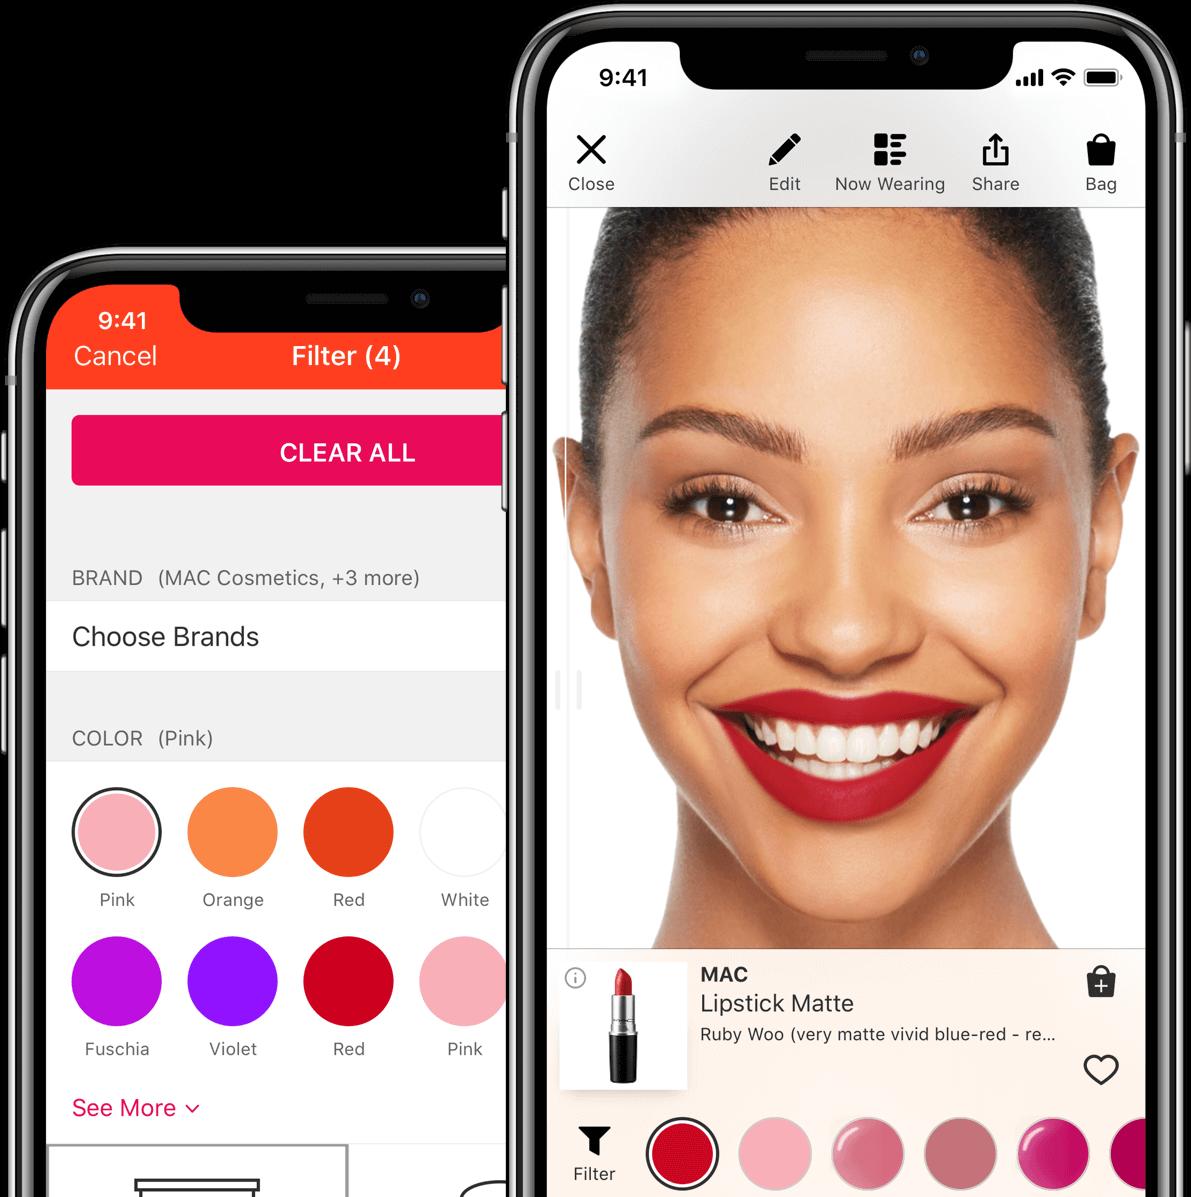 Mobile App Ulta Beauty